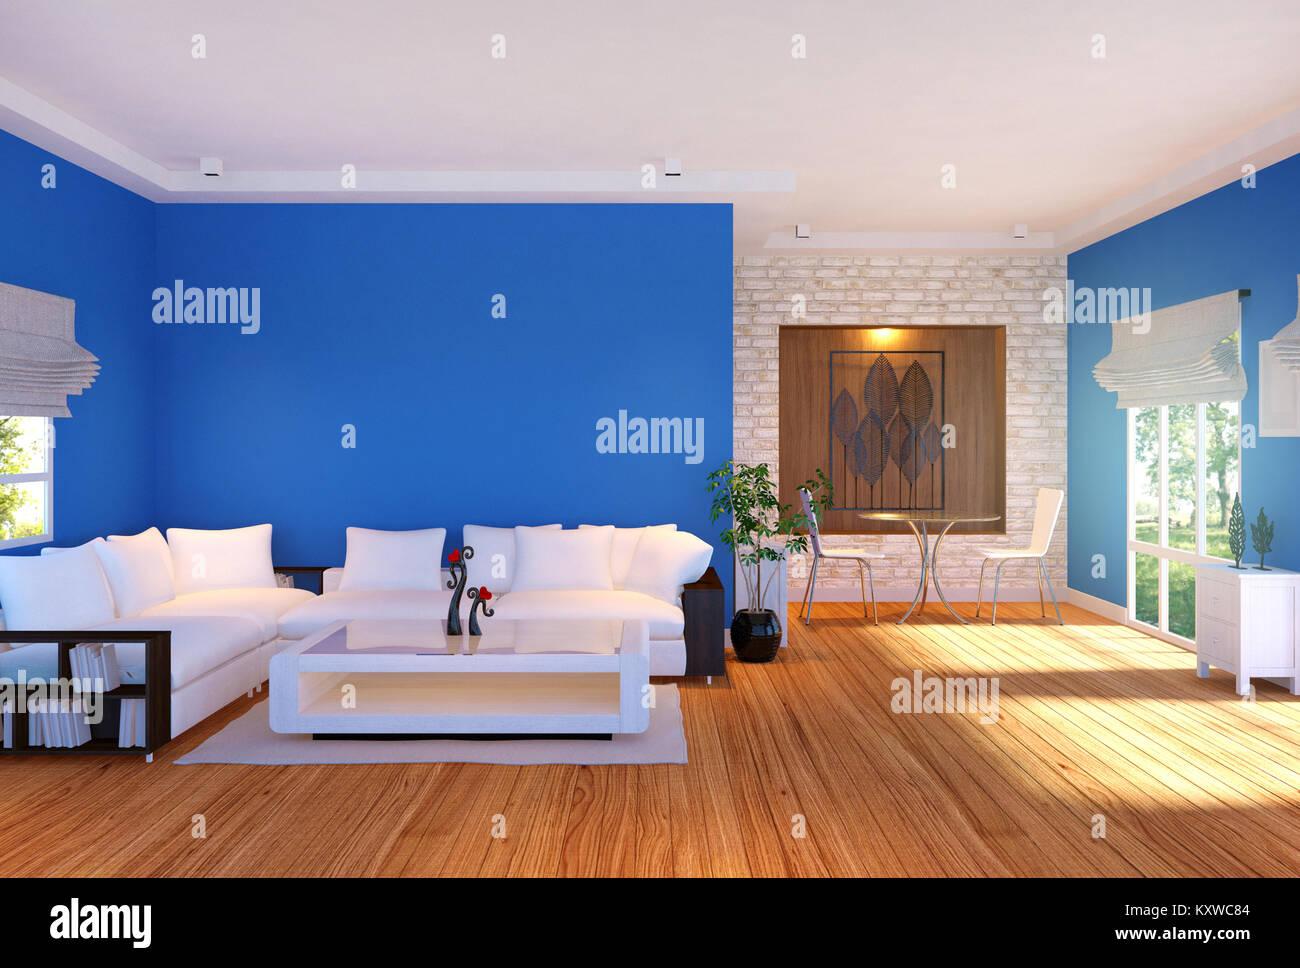 Modernes Wohnzimmer Einrichtung mit Möbeln und blau leere Wand, 3D ...